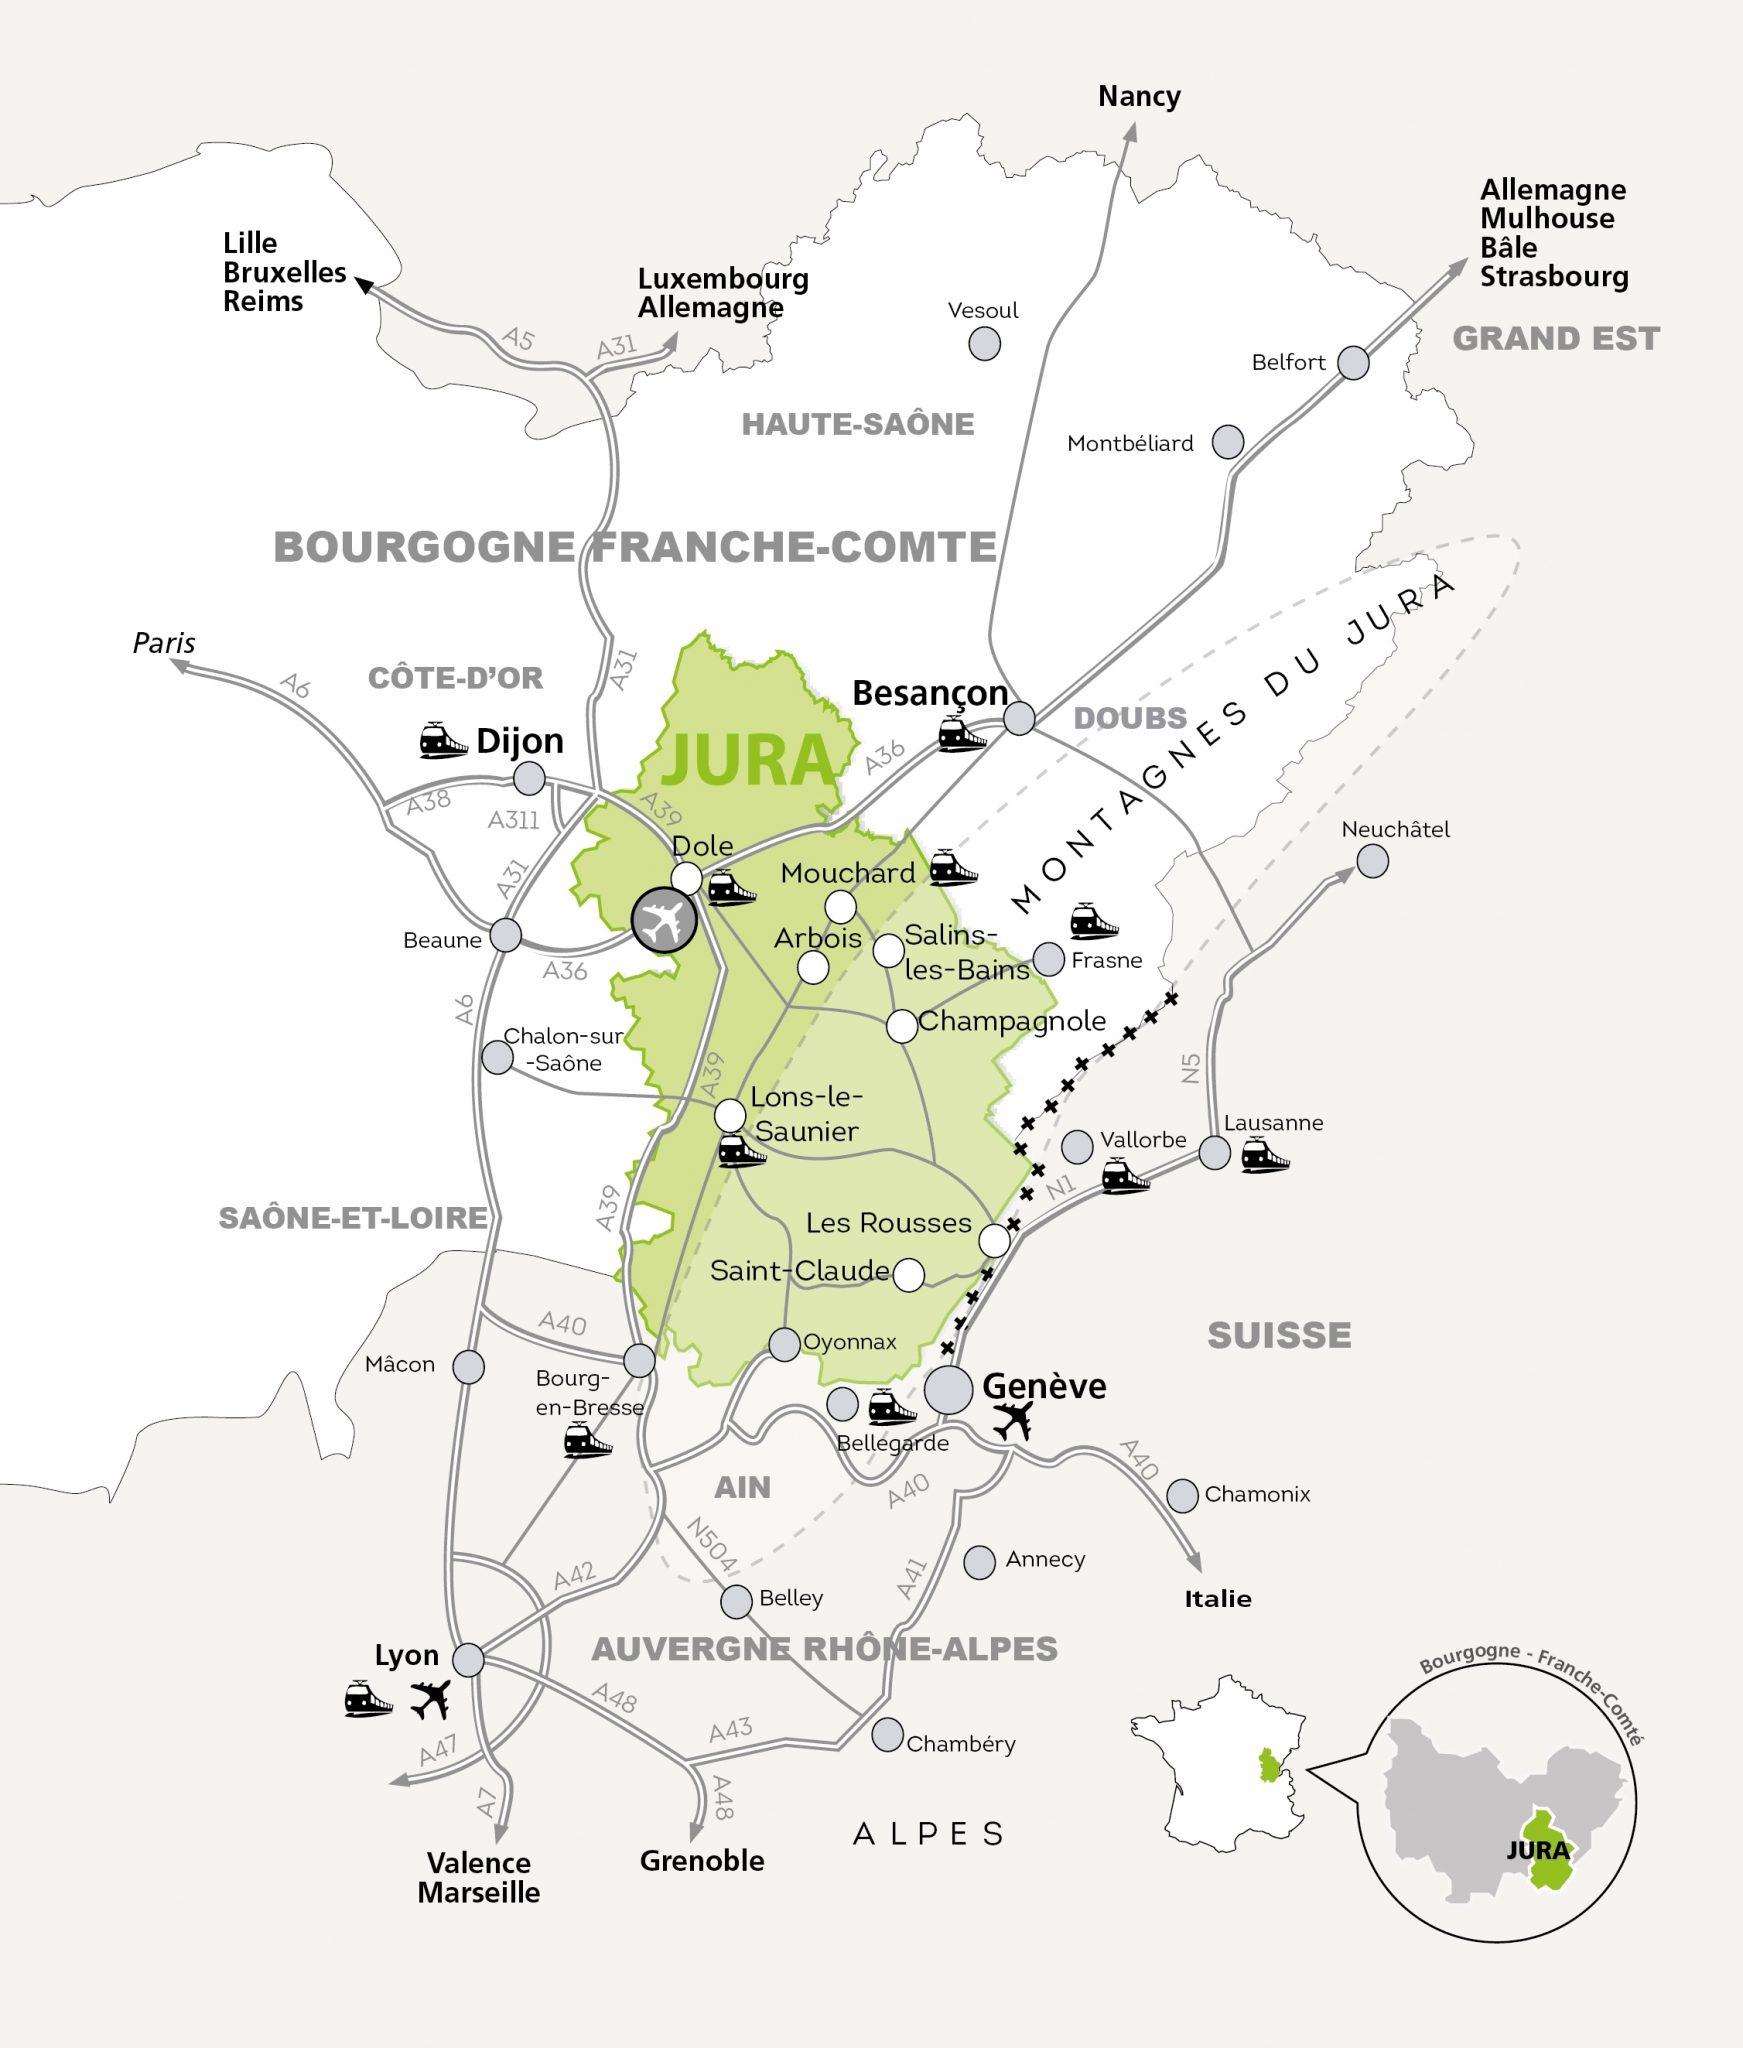 Département Du Jura, Venir Dans Le Jura, Carte Et Plan destiné Département 57 Carte